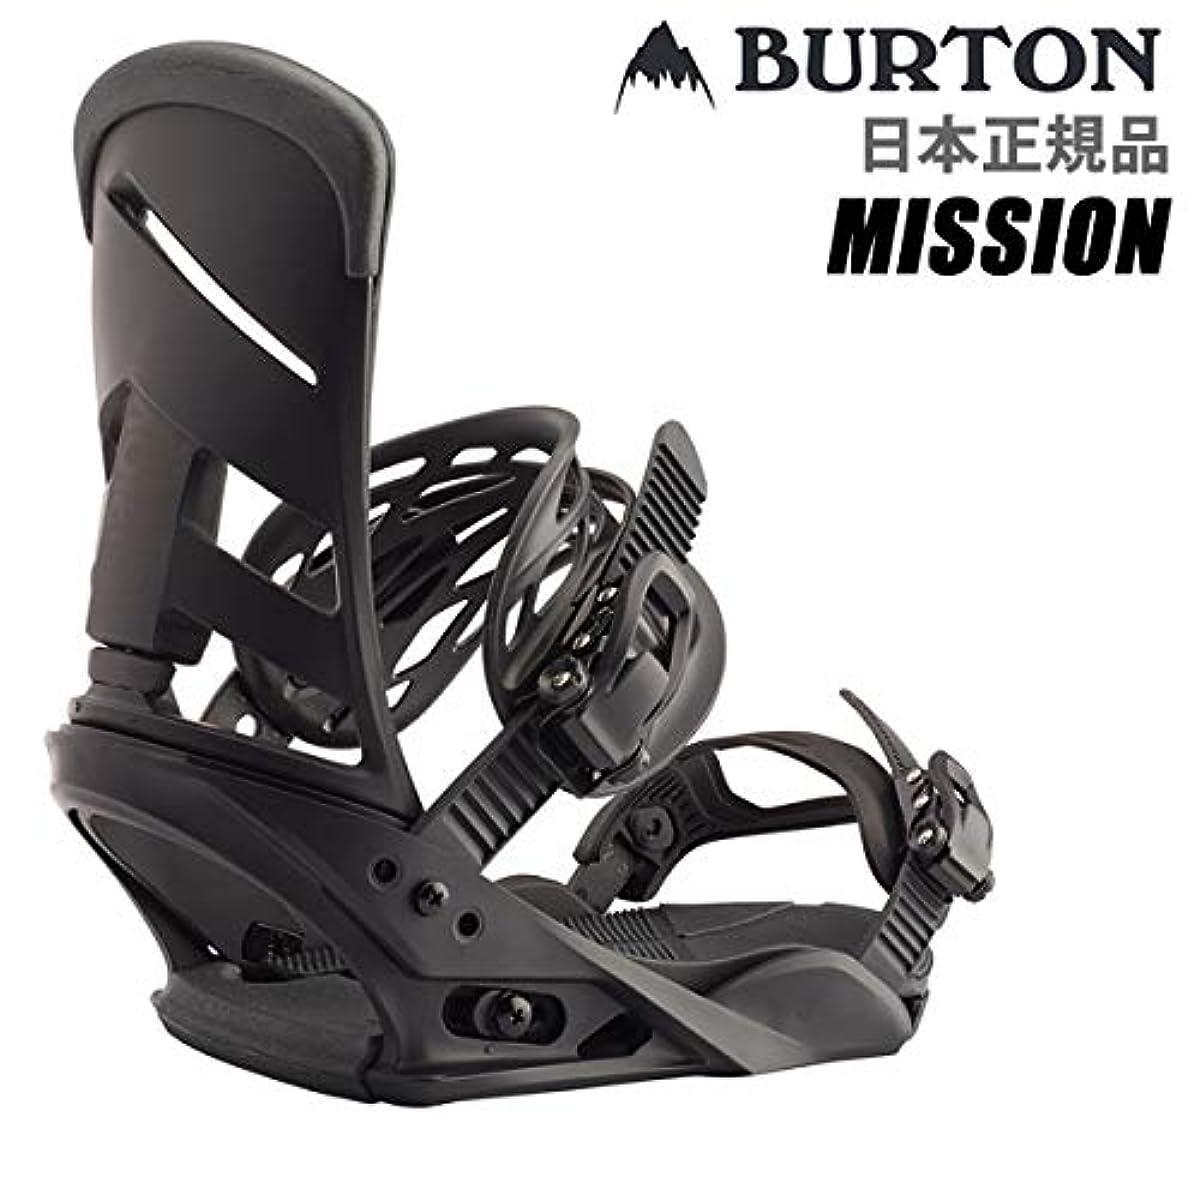 [해외] 버튼 버튼 바인딩 미션 MISSION RE:FLEX 리플렉스 BLACK 일본 정규품 BURTON 19-20 2020스노보드 빈딩【C1】